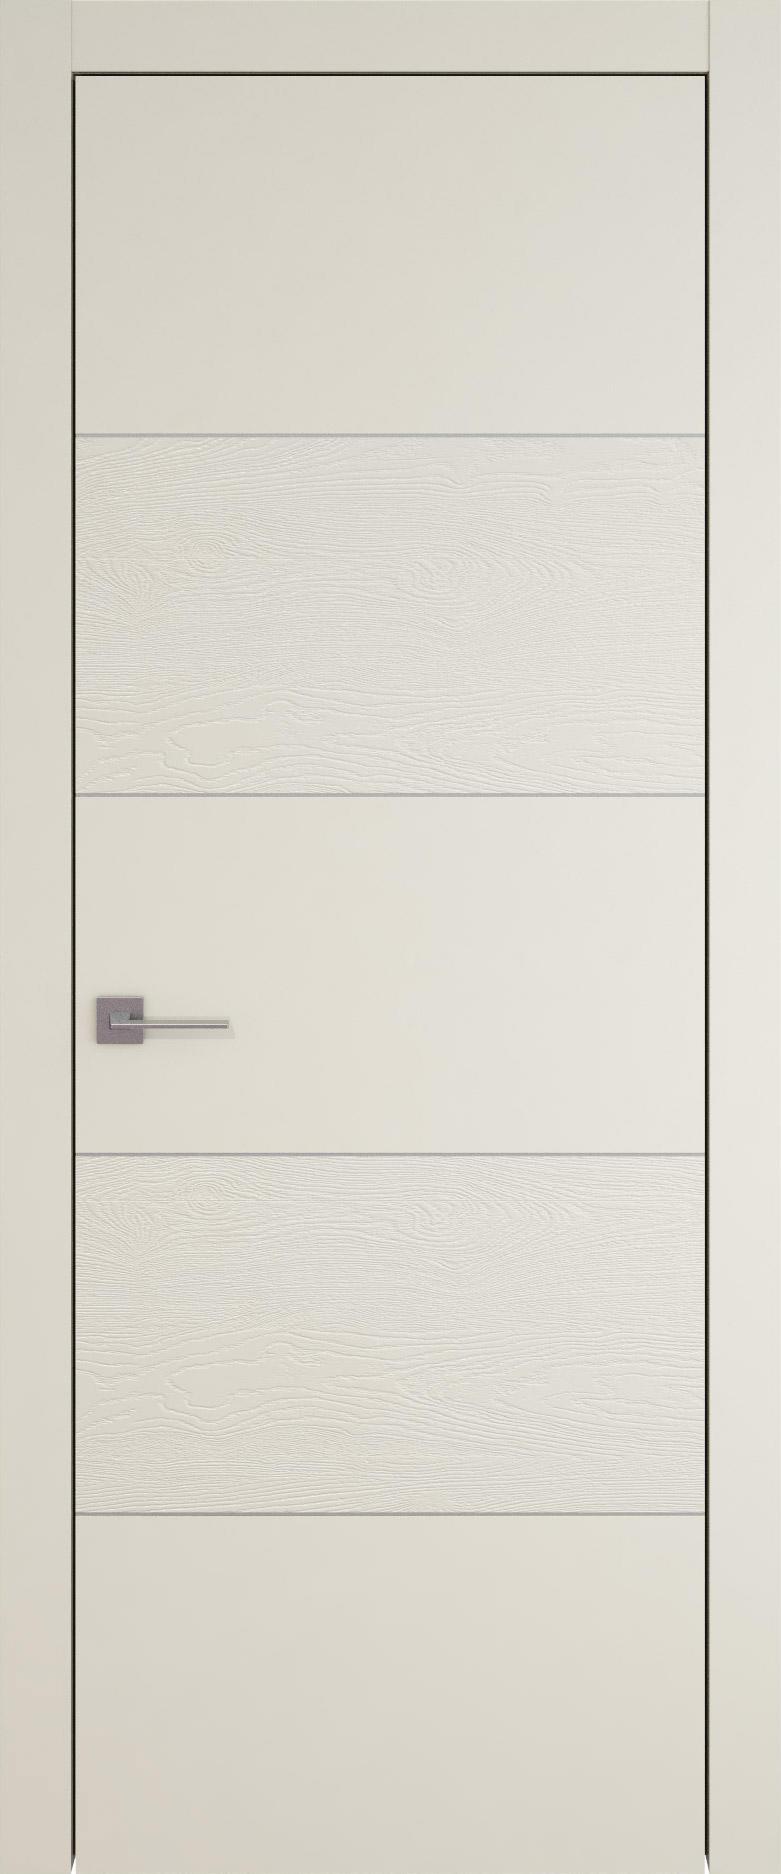 Tivoli Д-2 цвет - Жемчужная эмаль-эмаль по шпону (RAL 1013) Без стекла (ДГ)